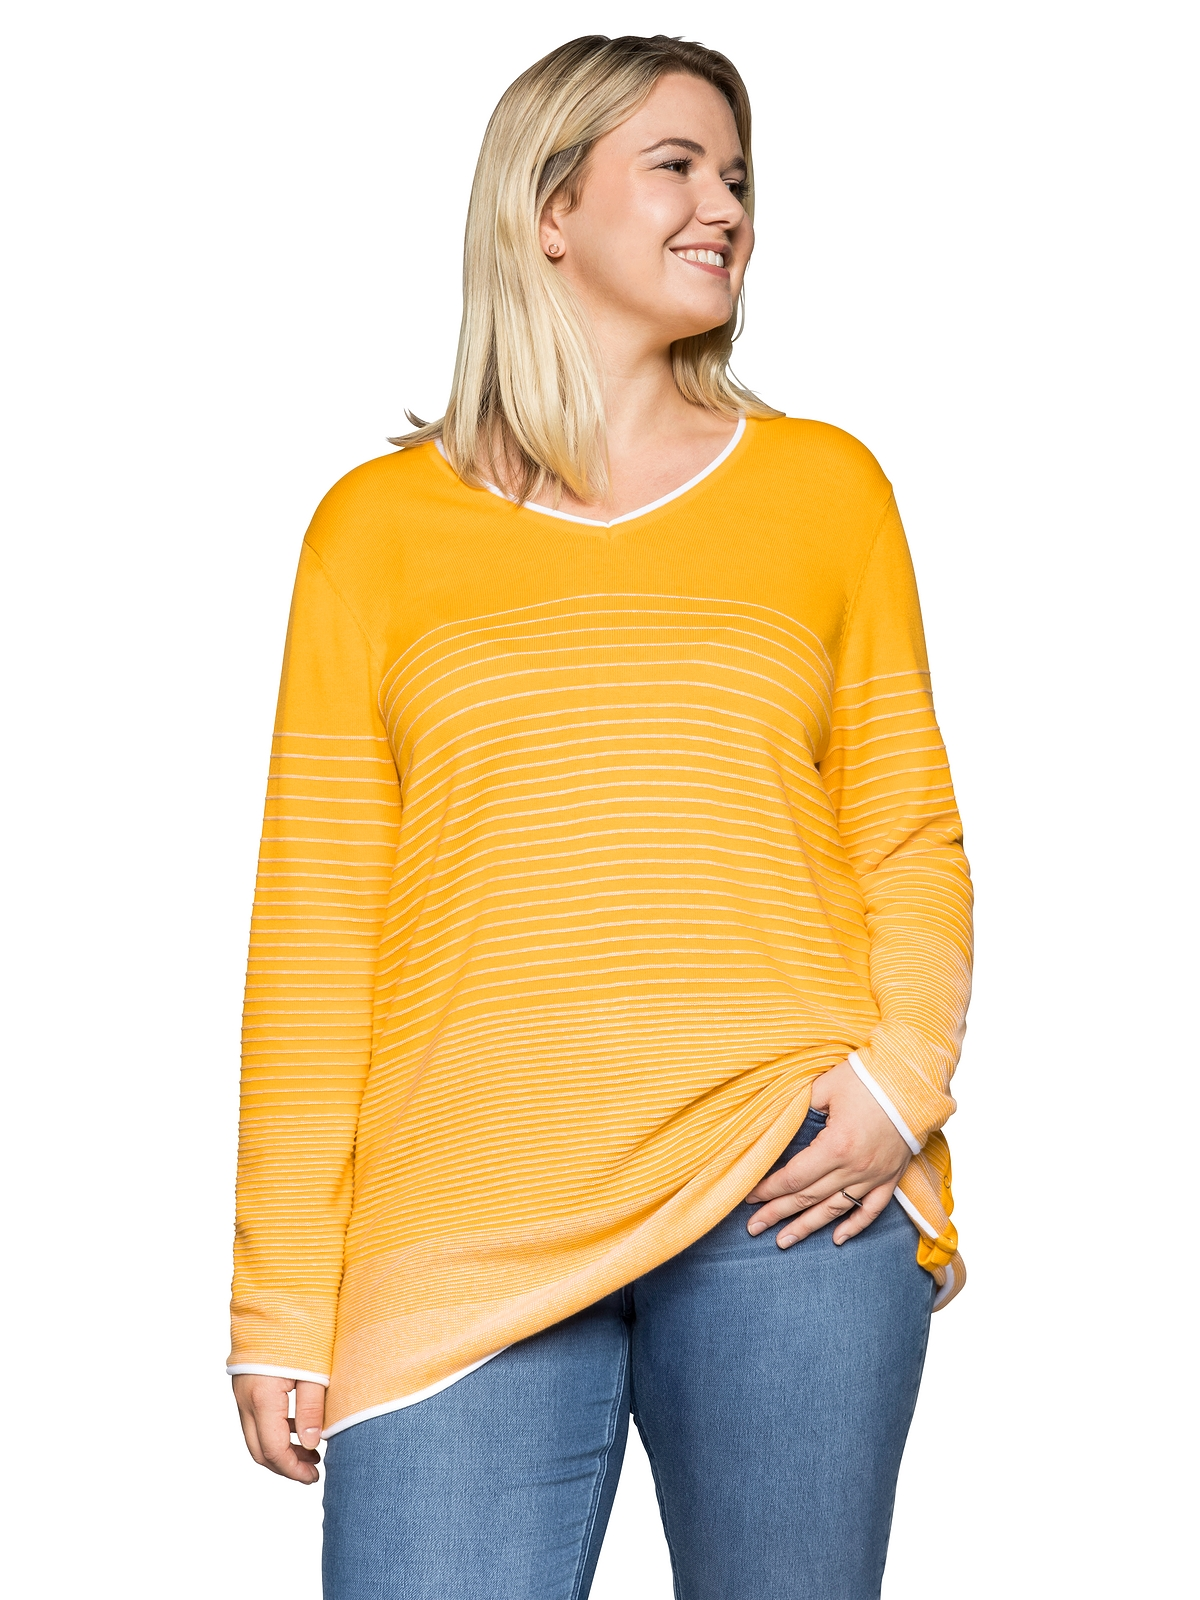 Sheego Pullover in gelb-weiß günstig kaufen